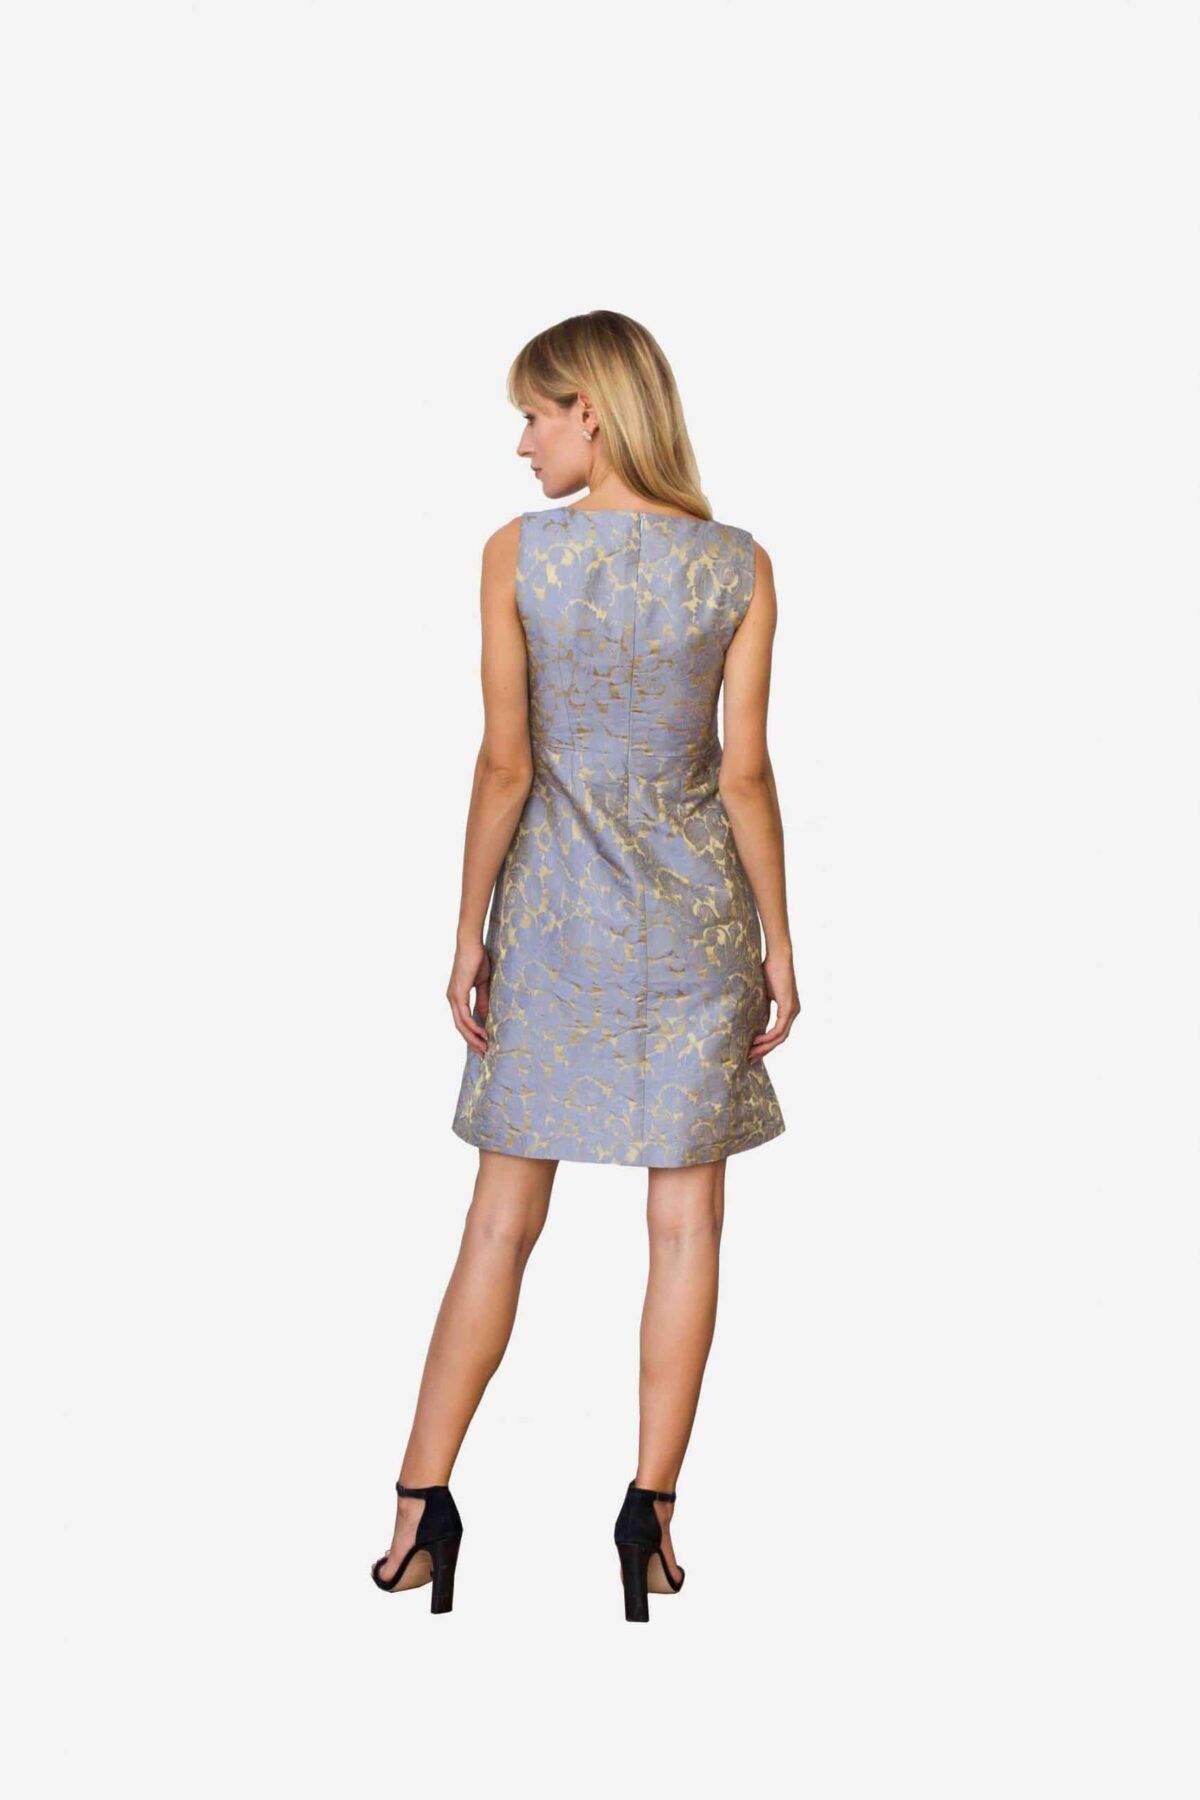 Kleid Madeleine von SANOGE. Elegantes Etuikleid aus Jacquard Stoff in blau und gold. Nachhaltige Mode.